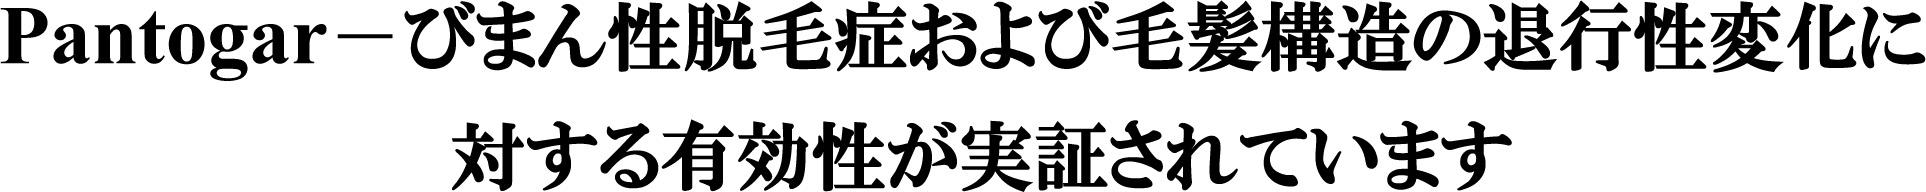 yukou.jpg